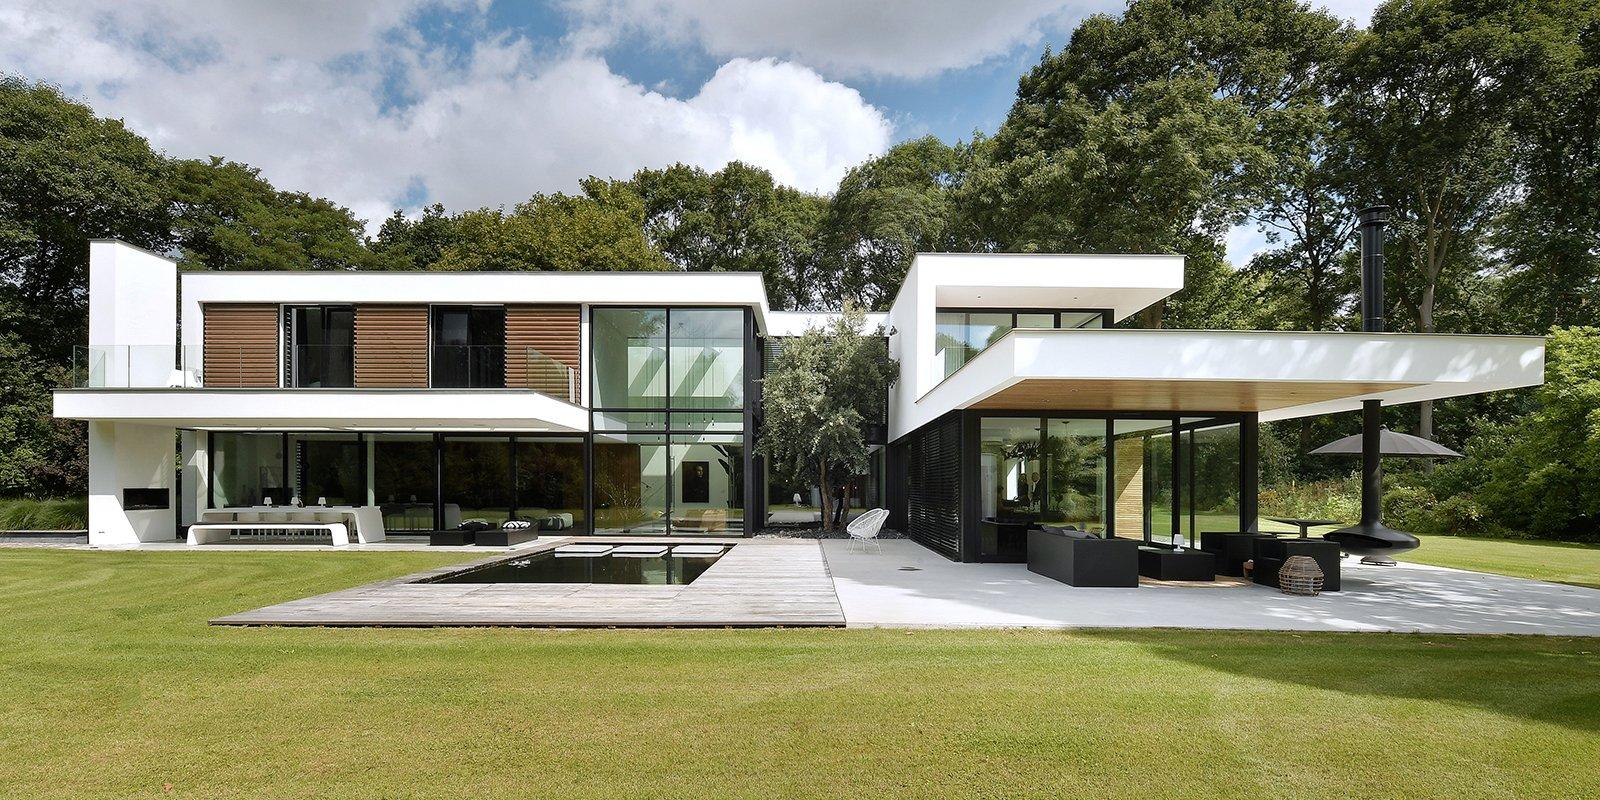 event, woonevent, woonbeurs, the art of living, architectuur inspiratie, bouw inspiratie